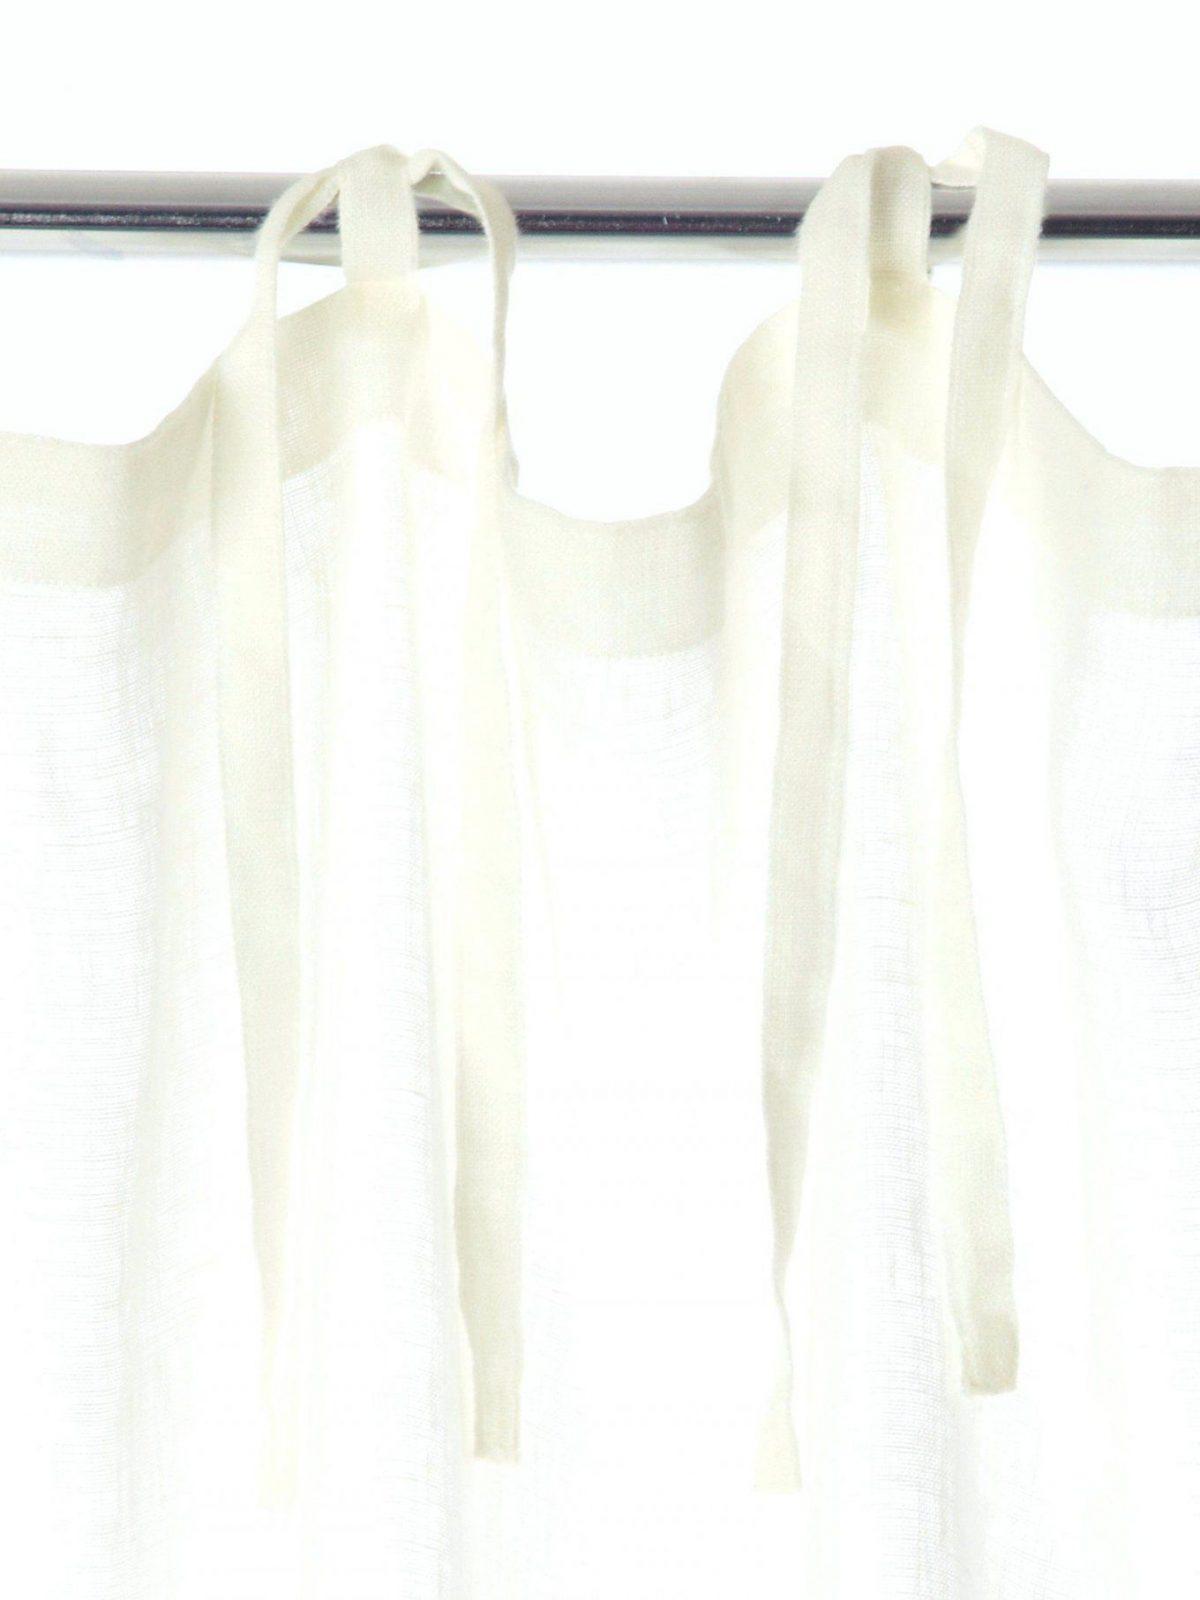 Vorhang Zum Binden – Groomroom von Vorhang Schlaufen Zum Binden Bild